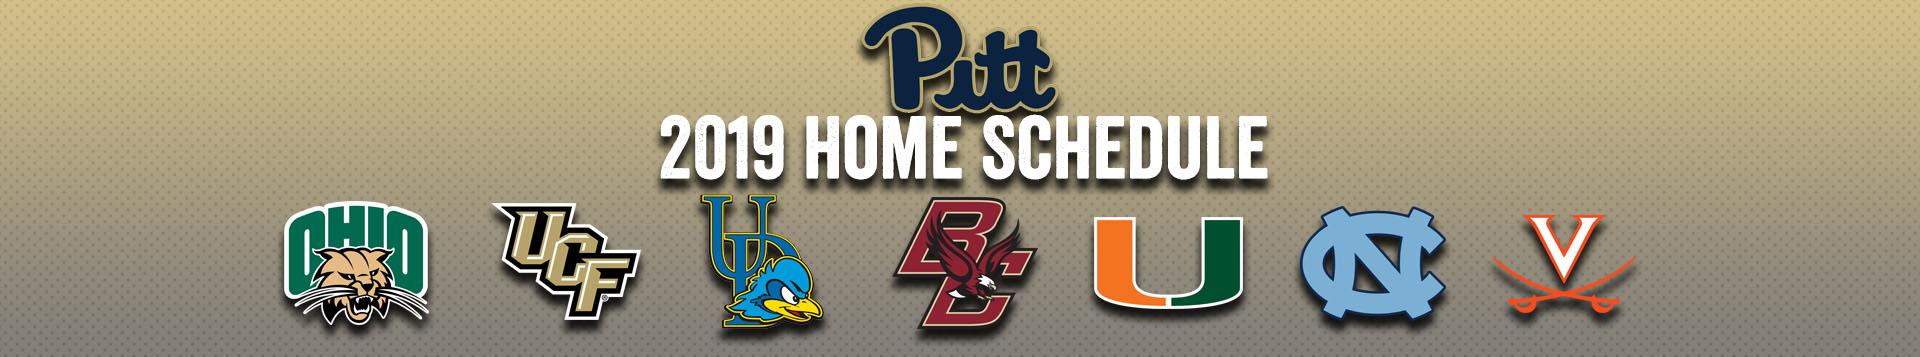 2019 Pitt Season